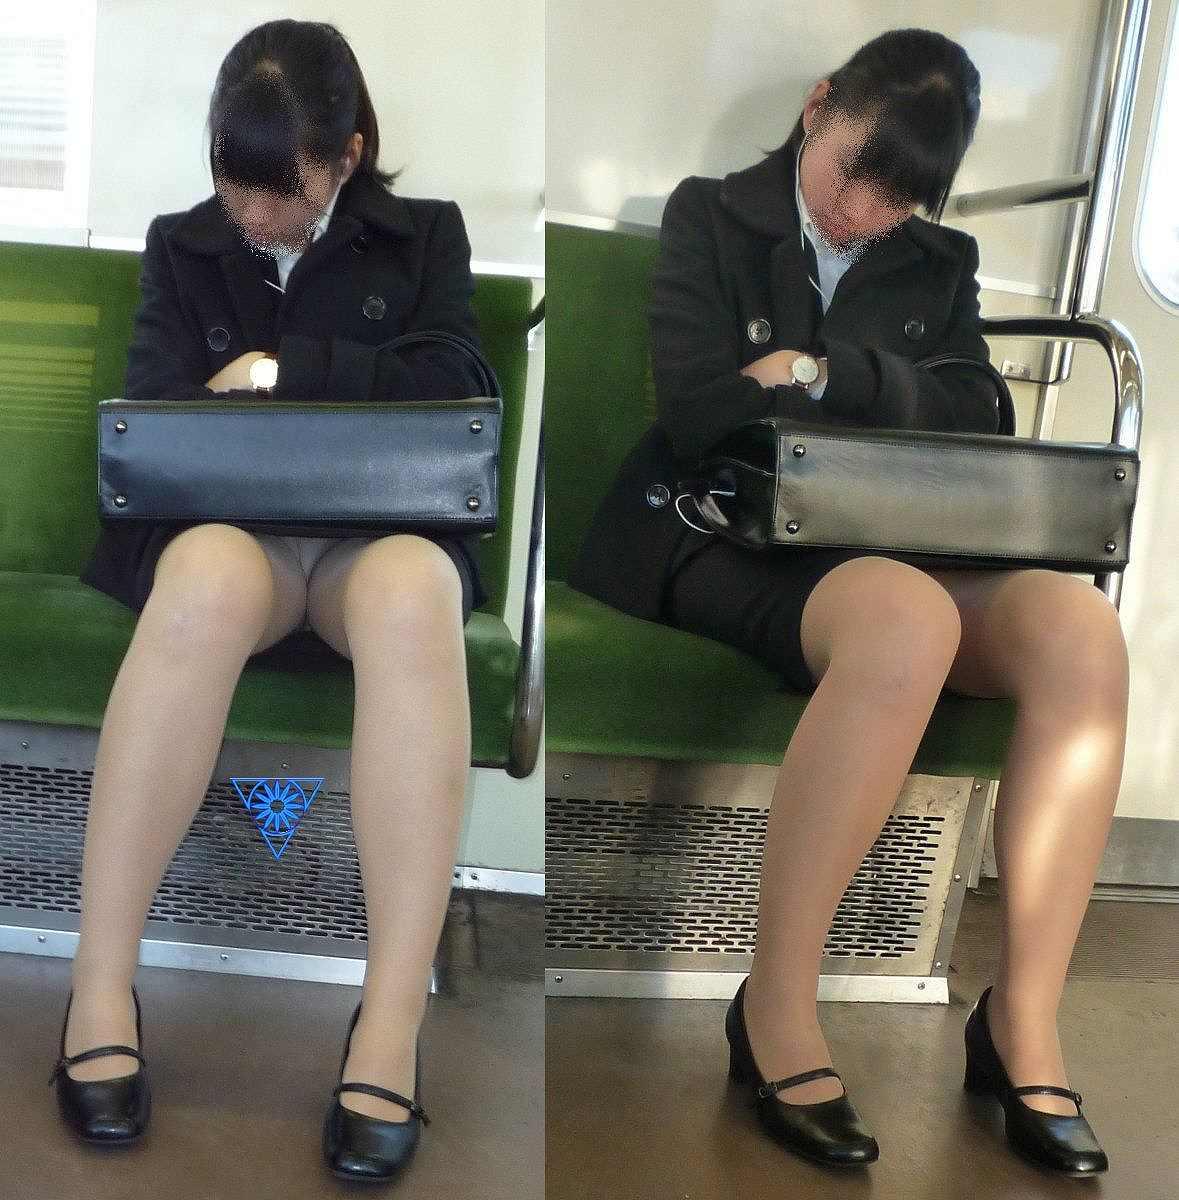 応援したくなる就職活動中のリクルートスーツお姉さん画像6枚目